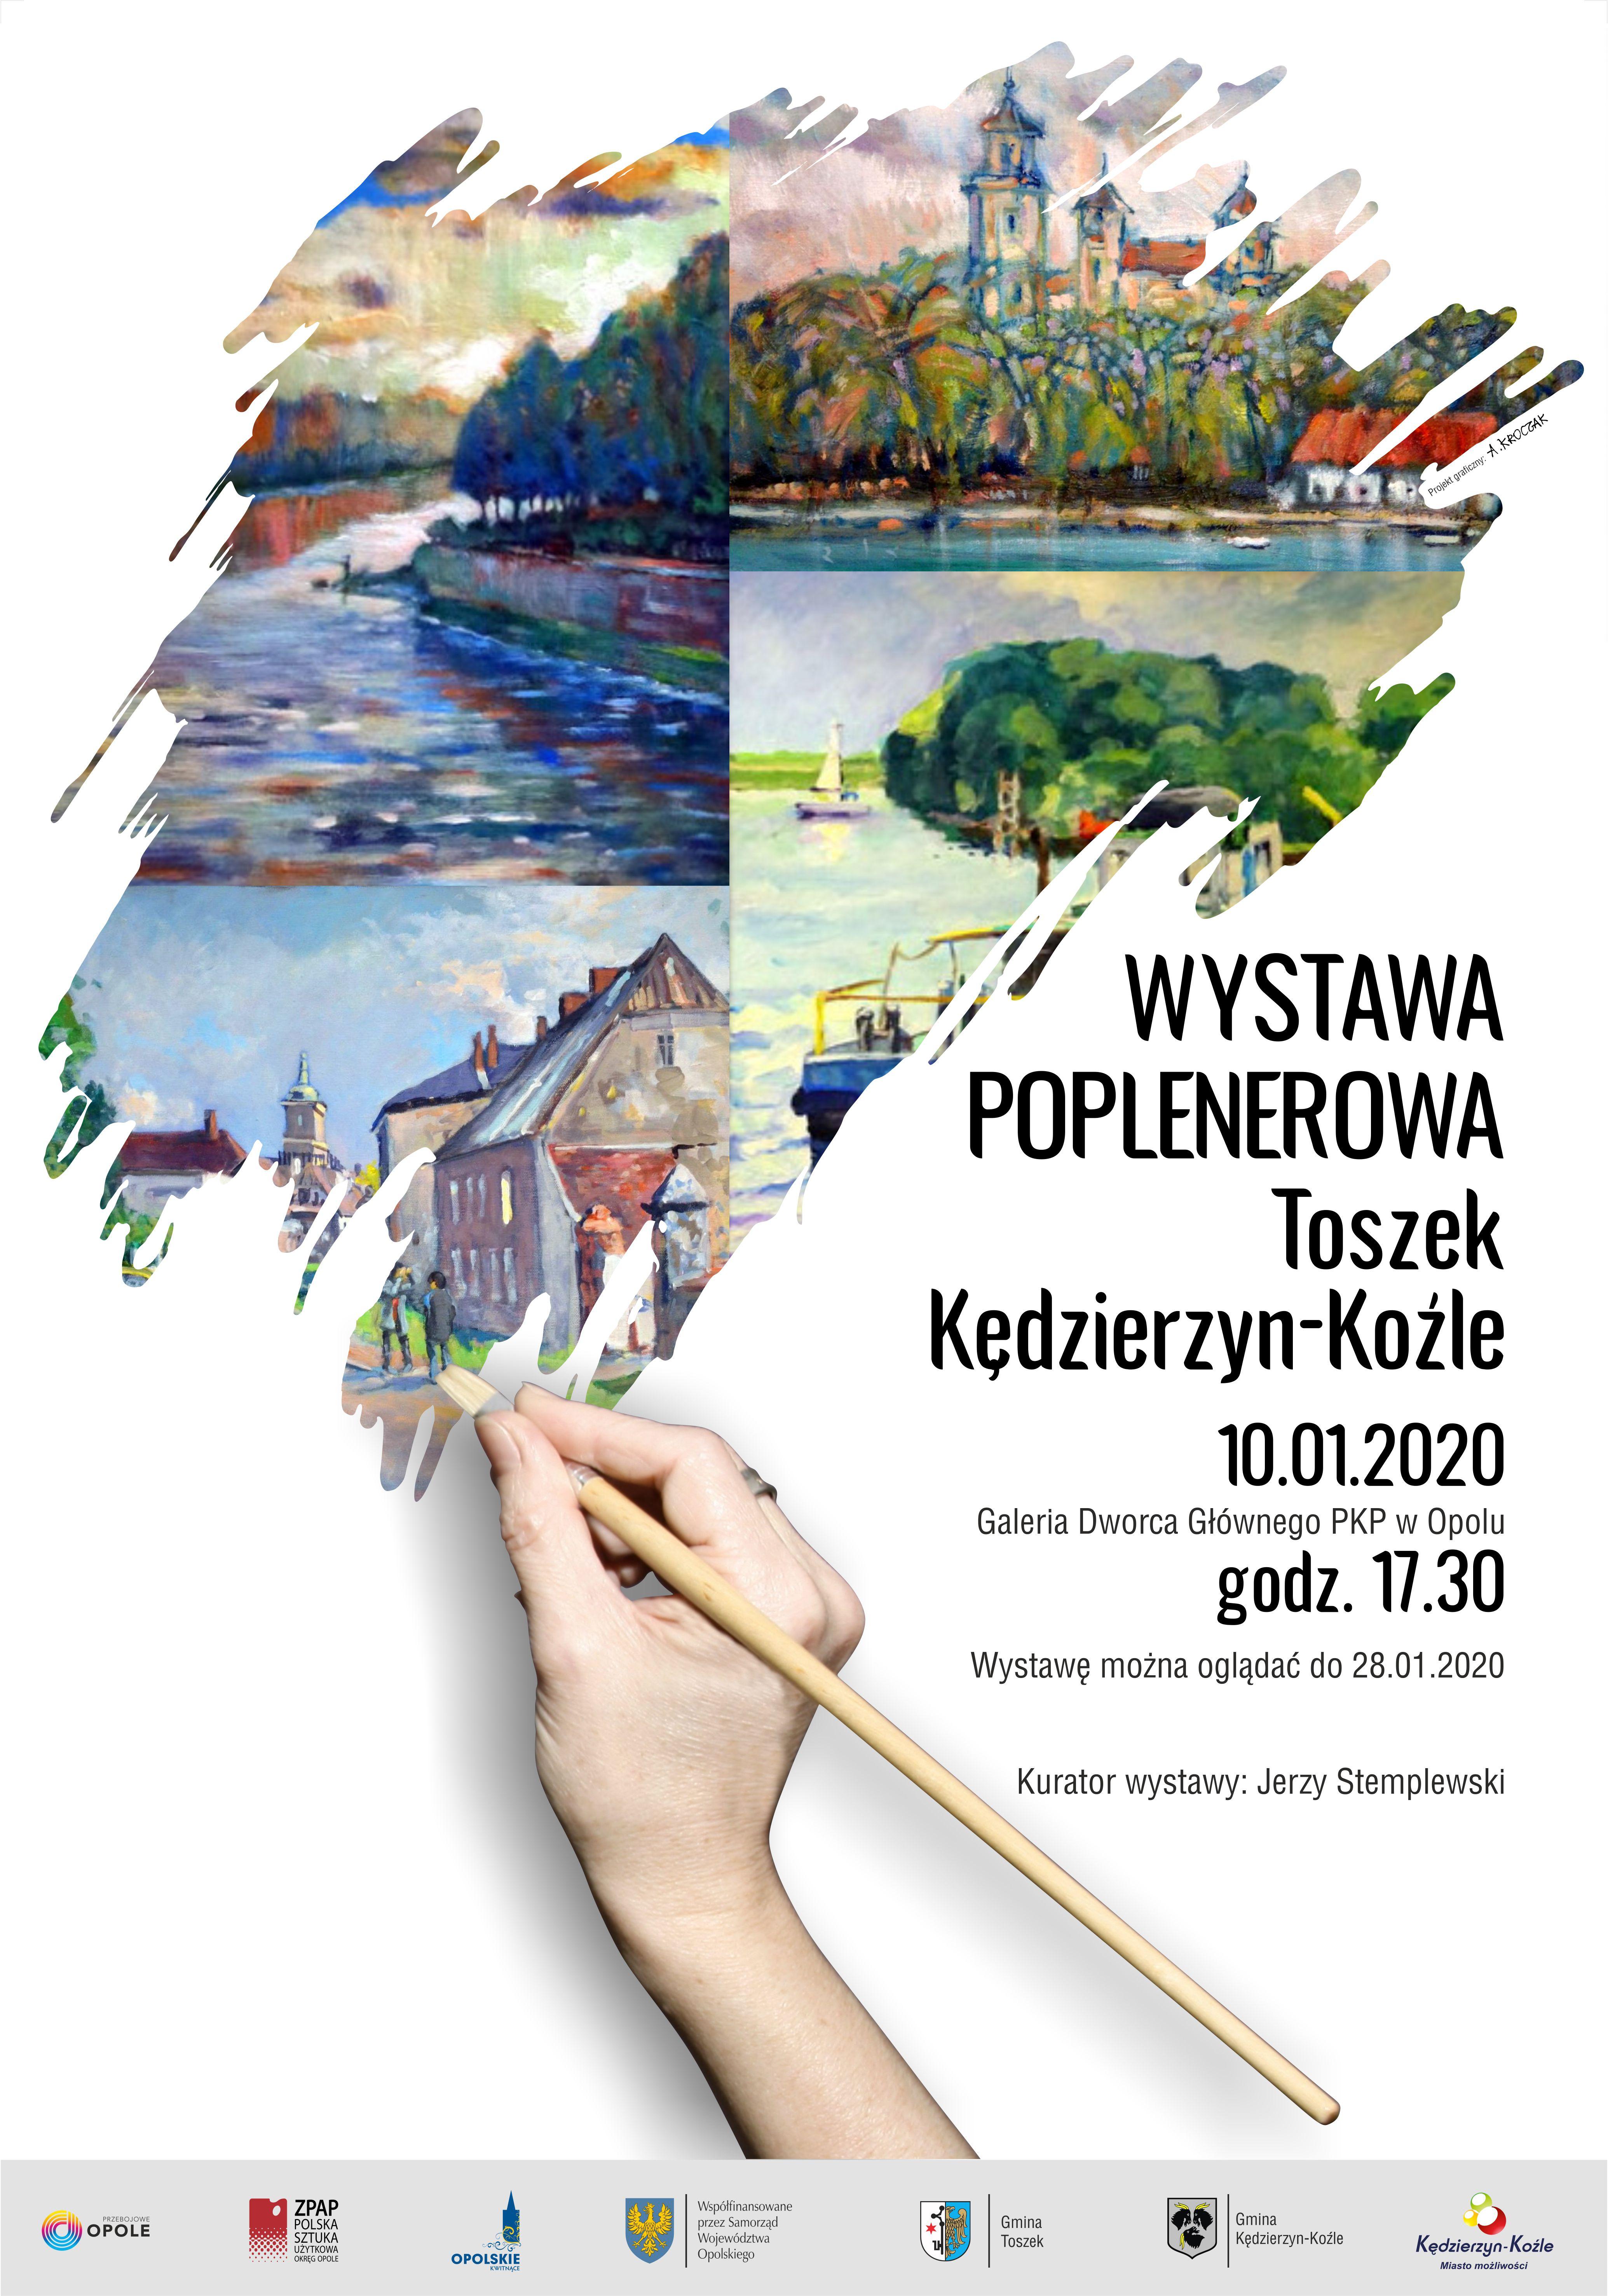 Wystawa poplenerowa Toszek, Kędzierzyn-Koźle